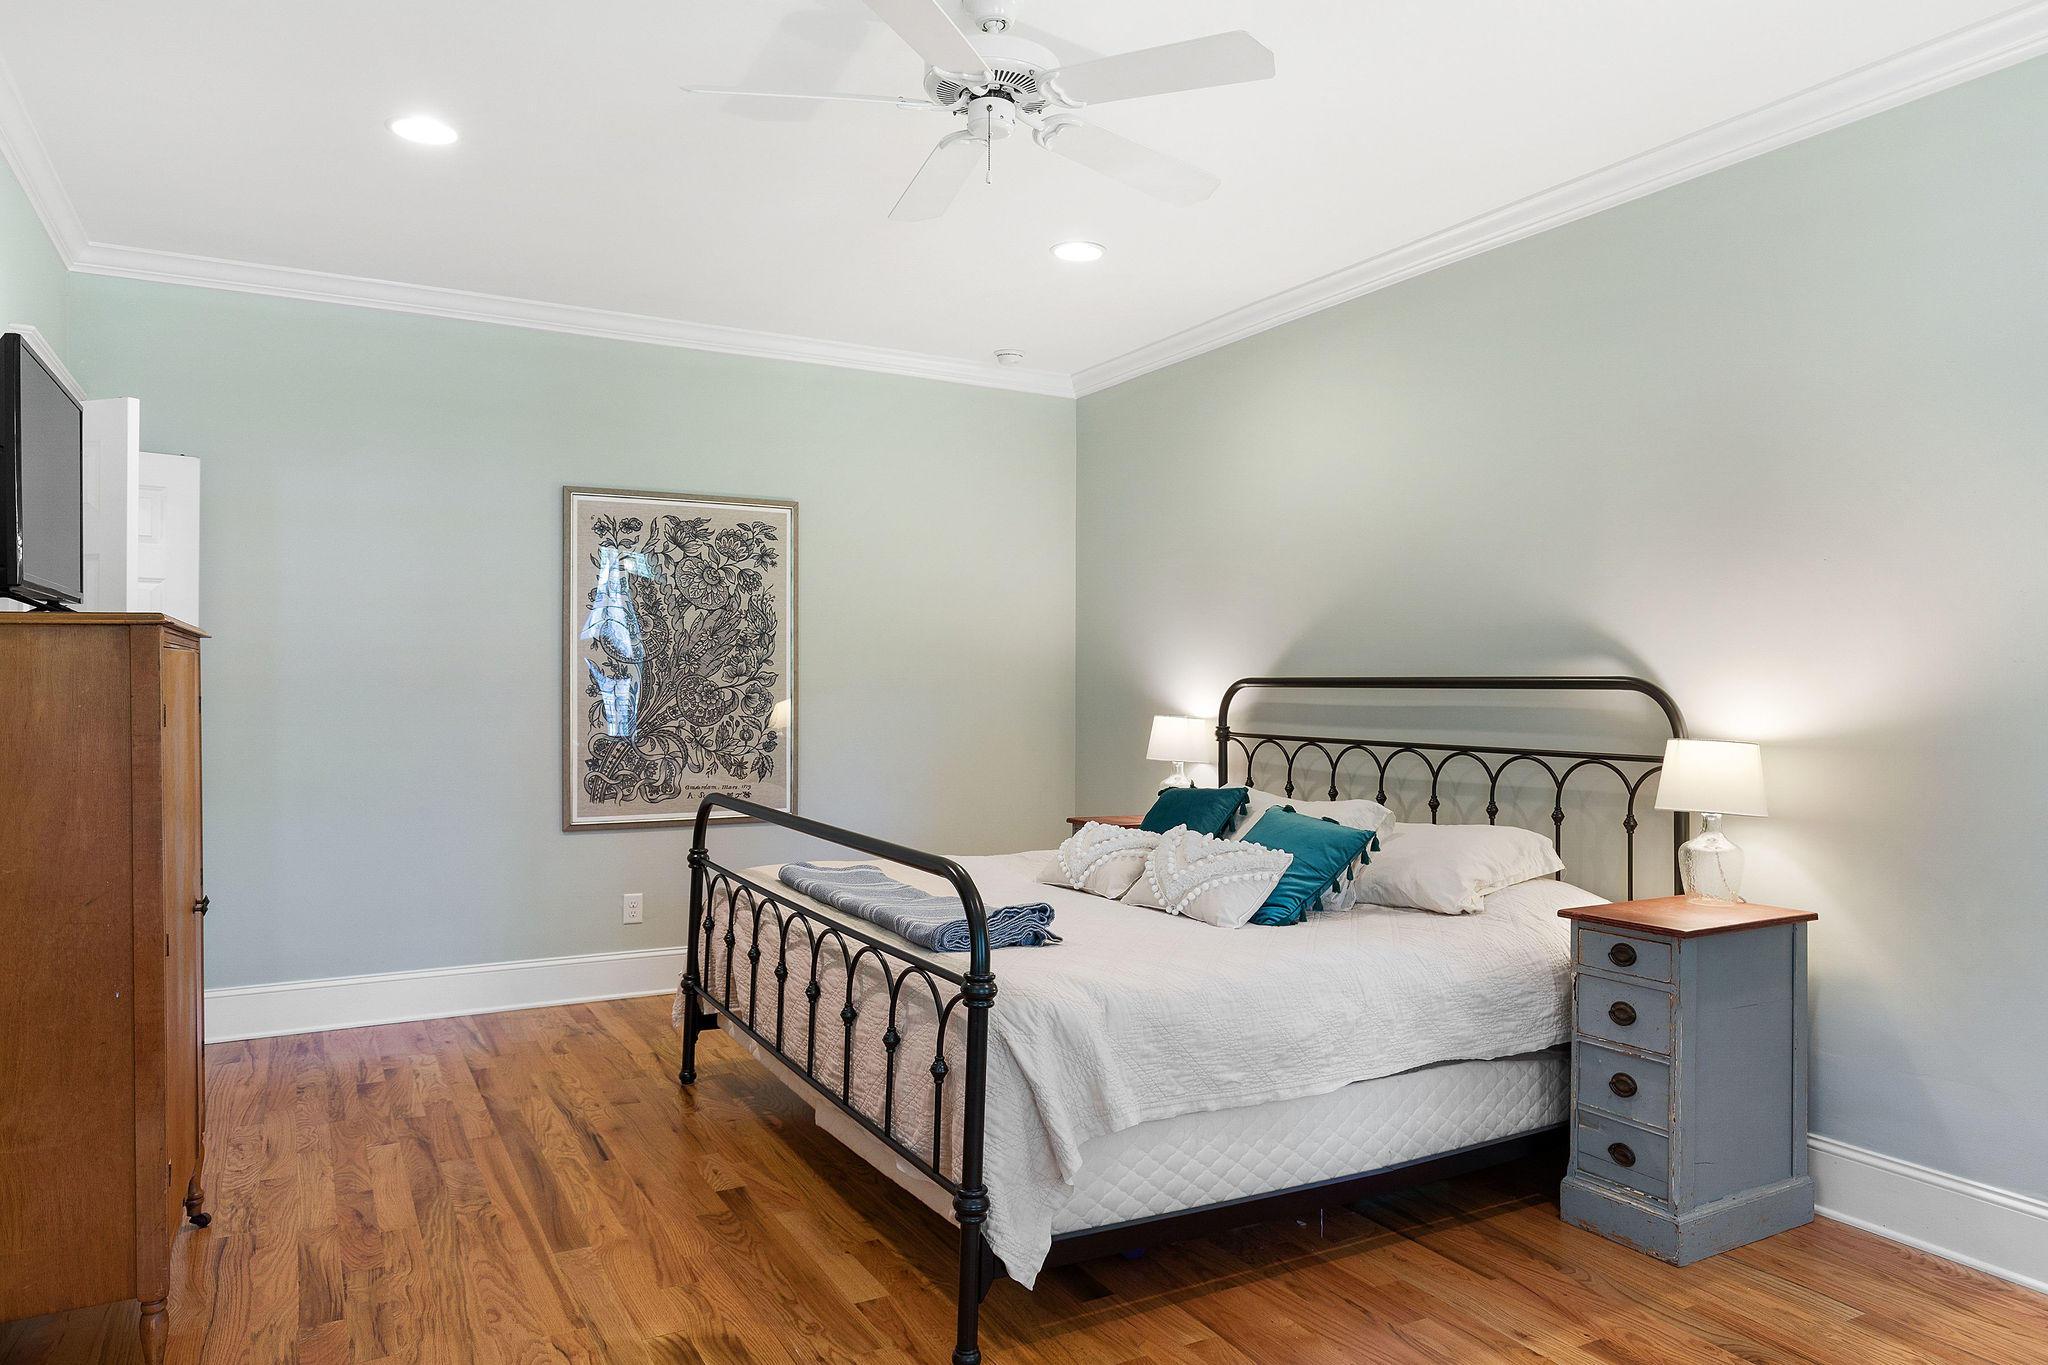 Dunes West Homes For Sale - 3201 Cottonfield, Mount Pleasant, SC - 35